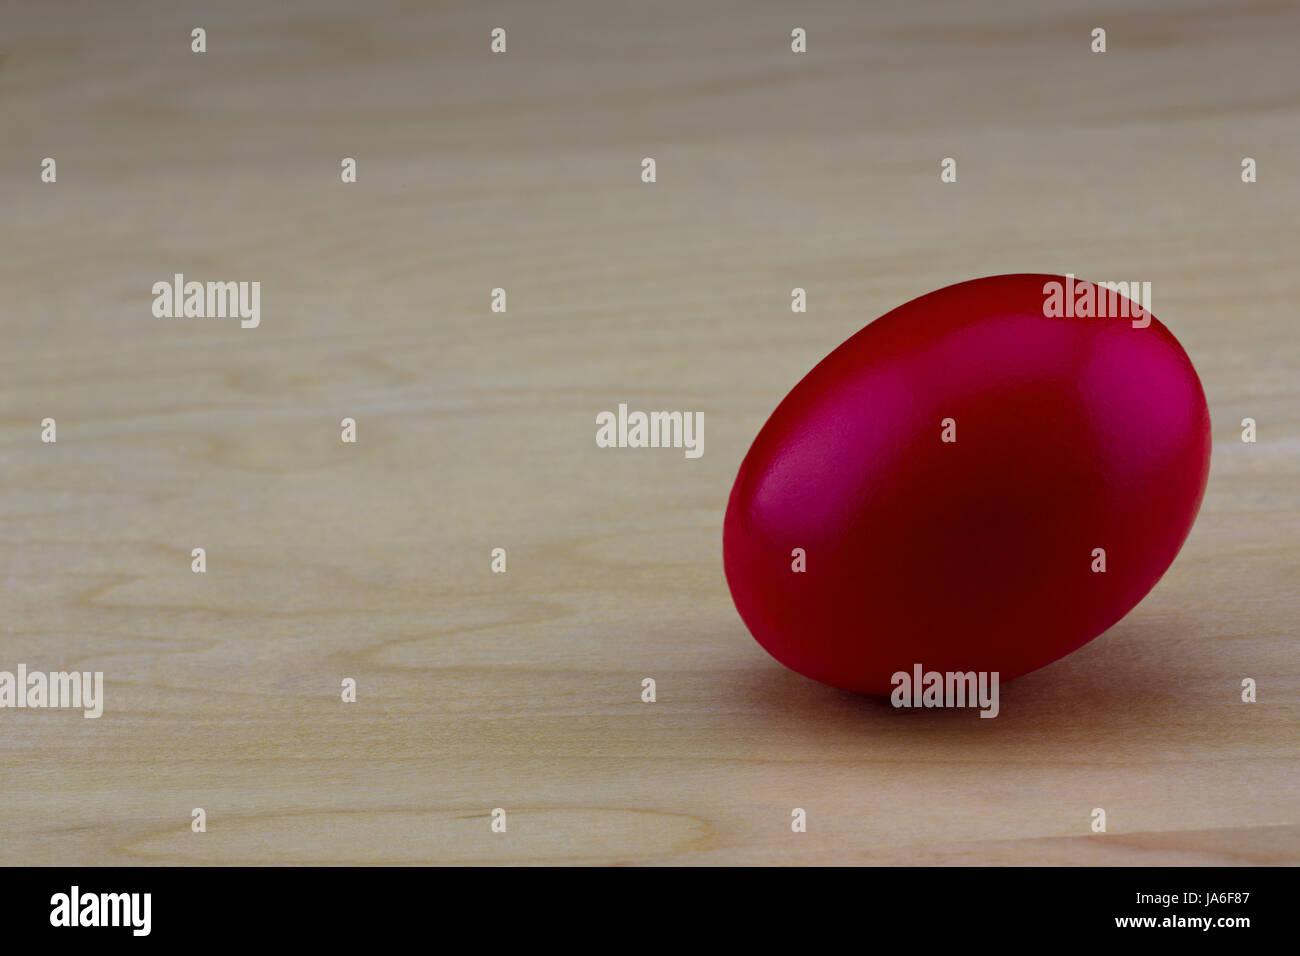 Rischi e sfide per gli investimenti di successo si vede in rosso porpora nido uovo sulla grana di legno con sfondo Immagini Stock